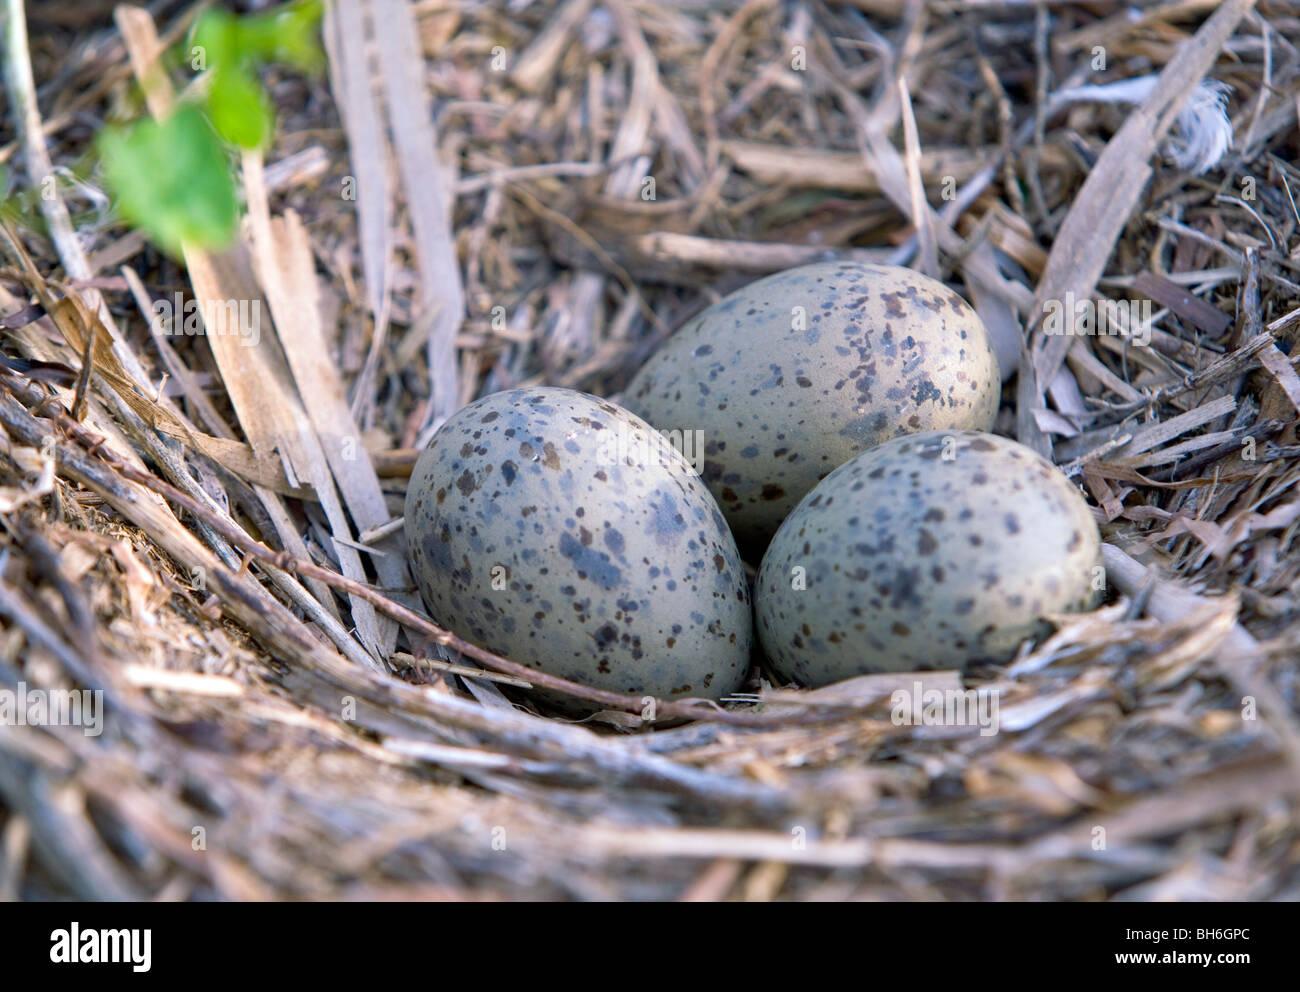 Herring Gull eggs on the nest. - Stock Image